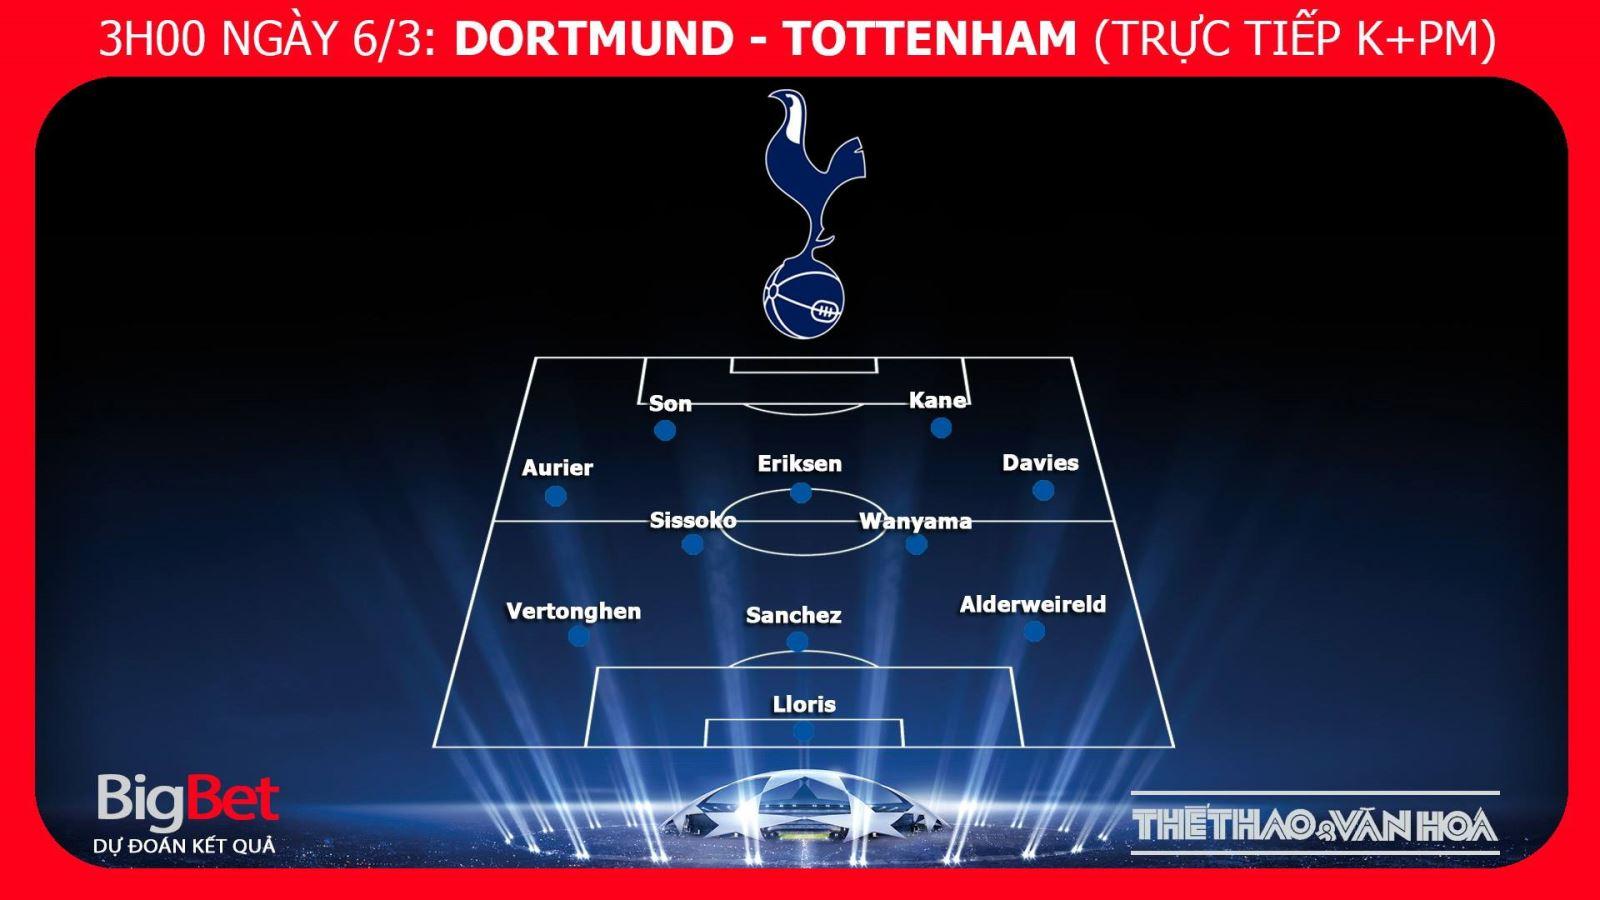 kèo Dortmund vs Tottenham, kèo Tottenham, soi kèo Dortmund vs Tottenham, dự đoán bóng đá Dortmund Tottenham, truc tiep bong da, truc tiep C1, cup C1 trực tiếp bóng đá, trực tiếp Dortmund, trực tiếp bóng đá